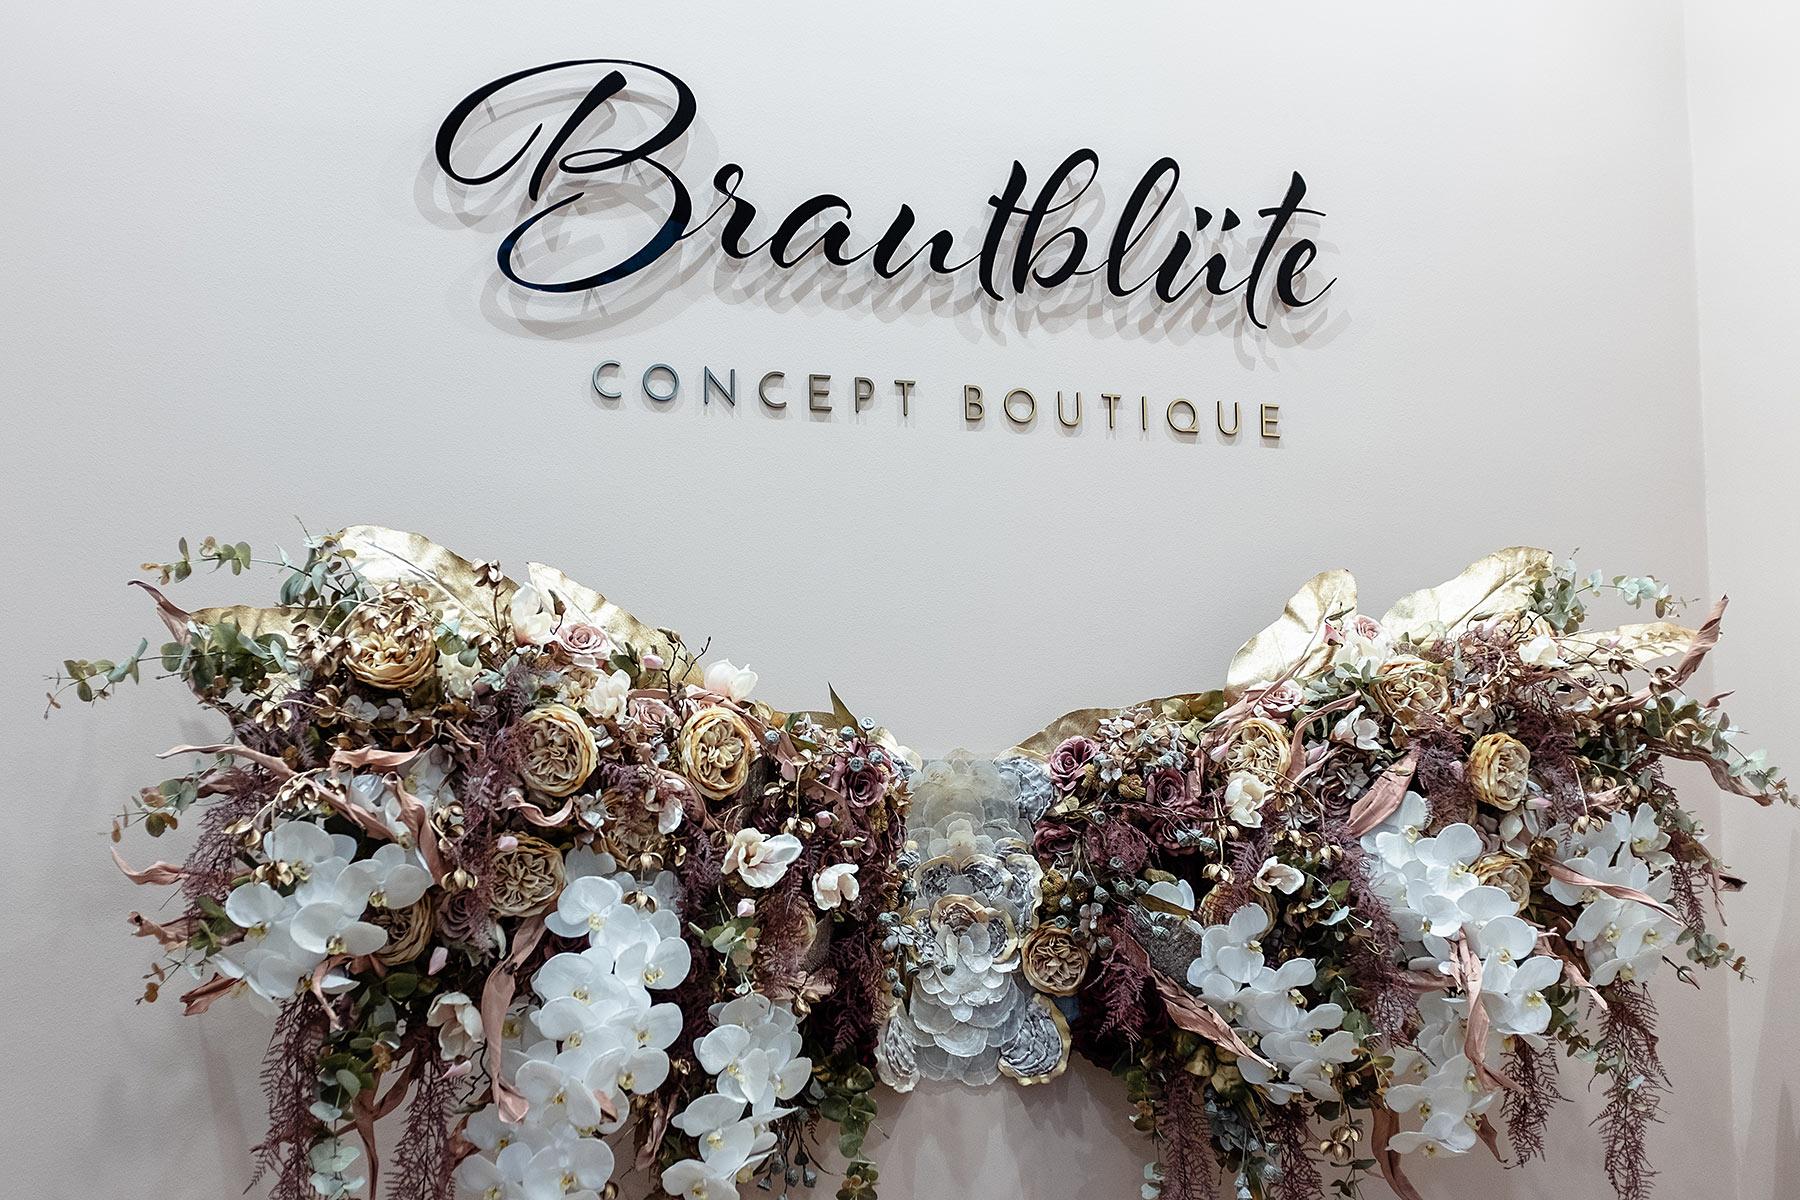 brautblüte düsseldorf hochzeitskleider concept boutique